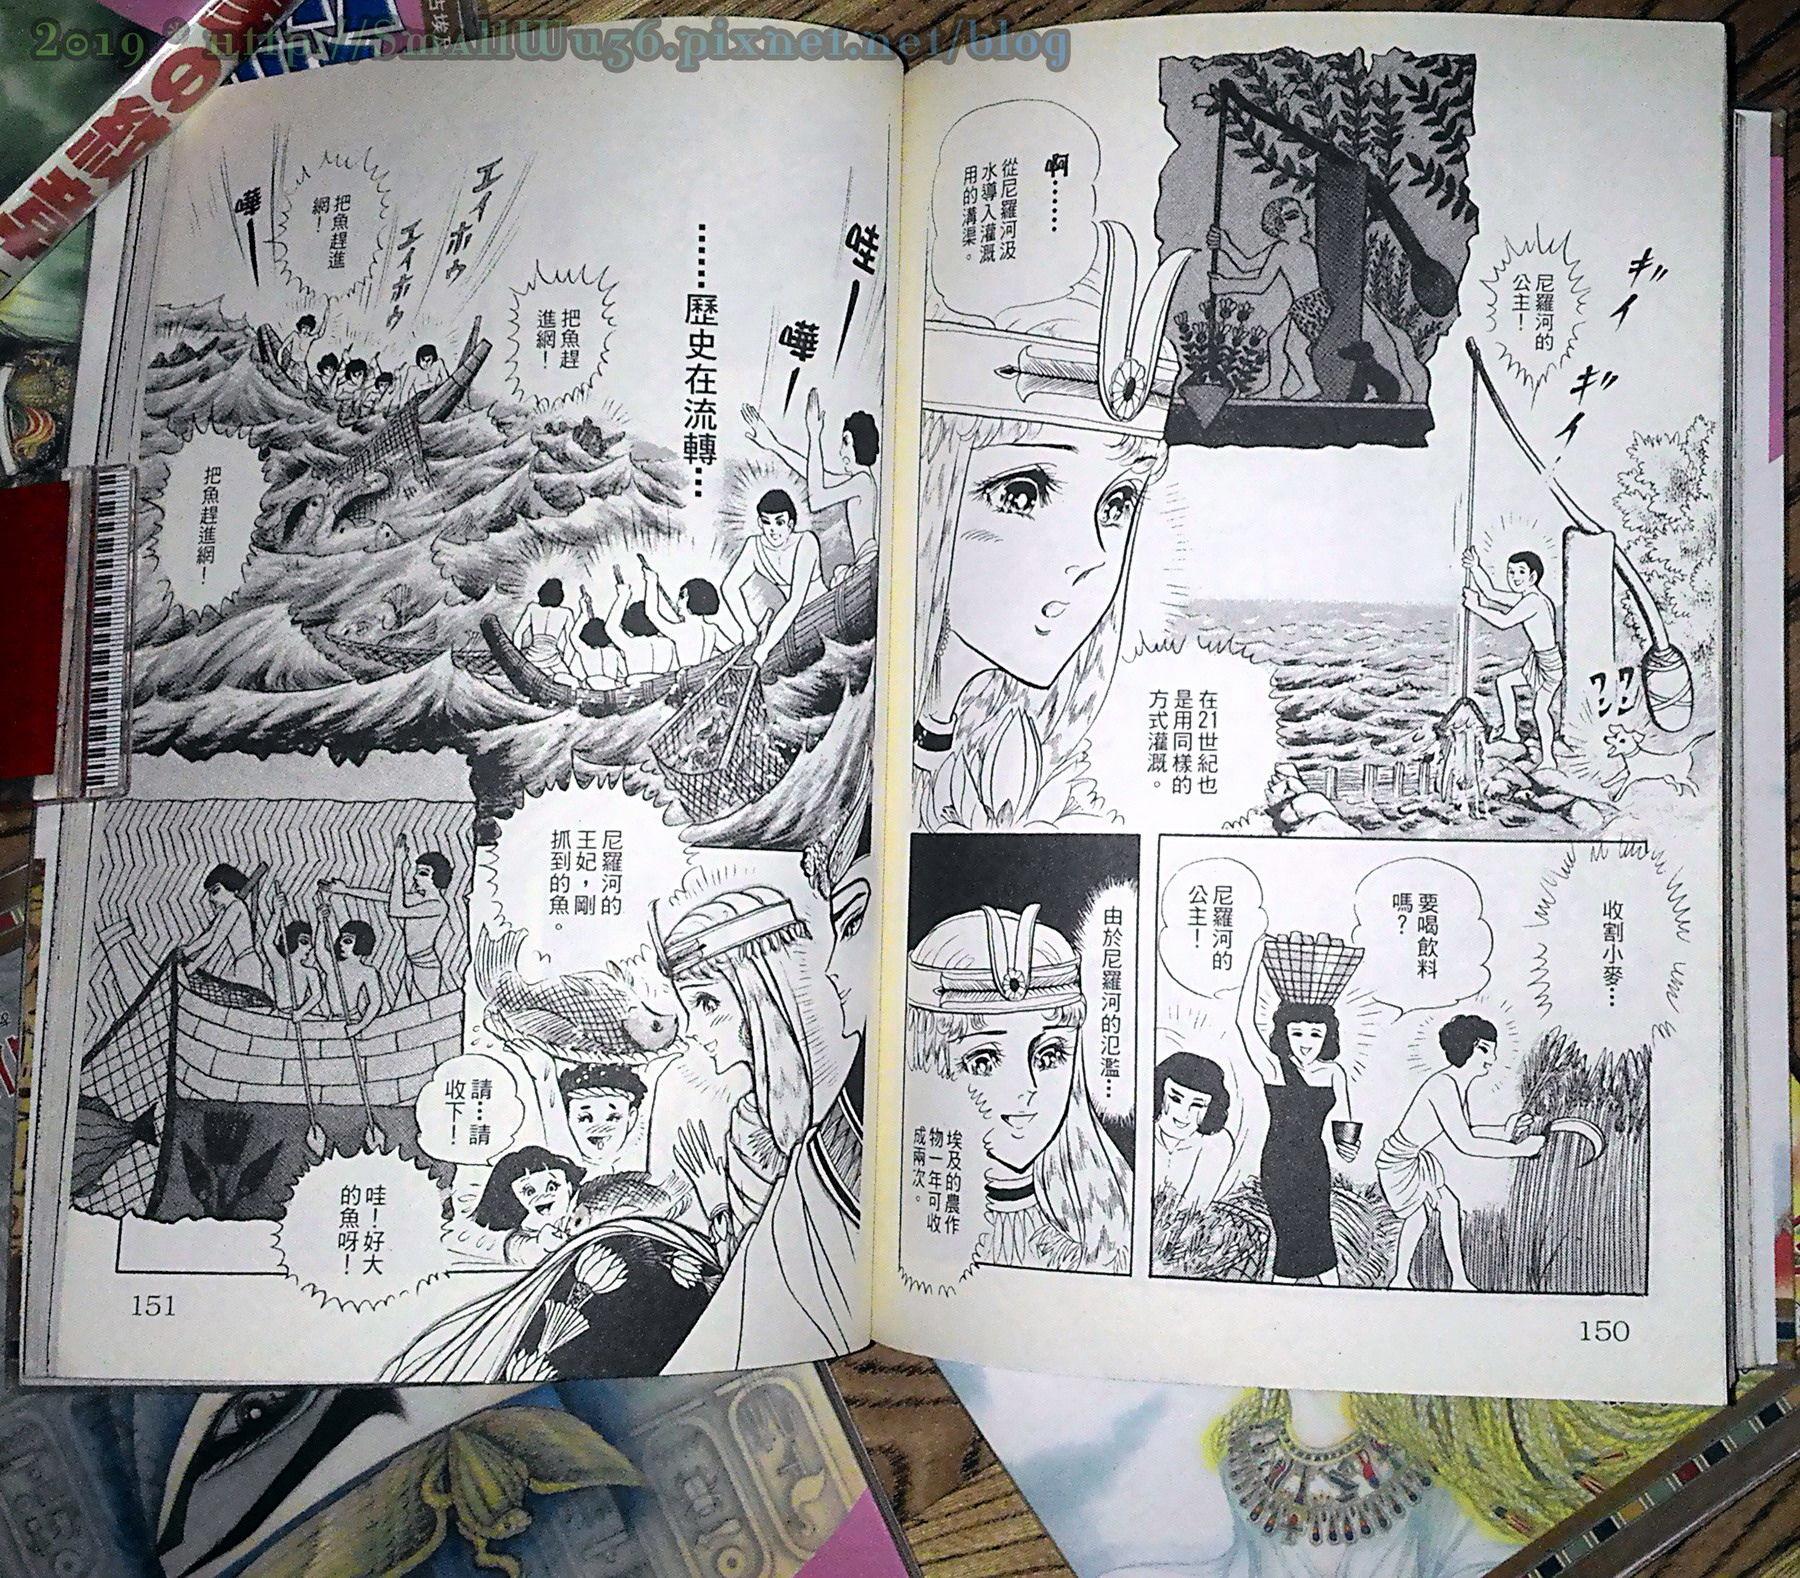 細川智榮子-王家的紋章(尼羅河女兒) 11-26 (長鴻)  vol_19 -.jpg